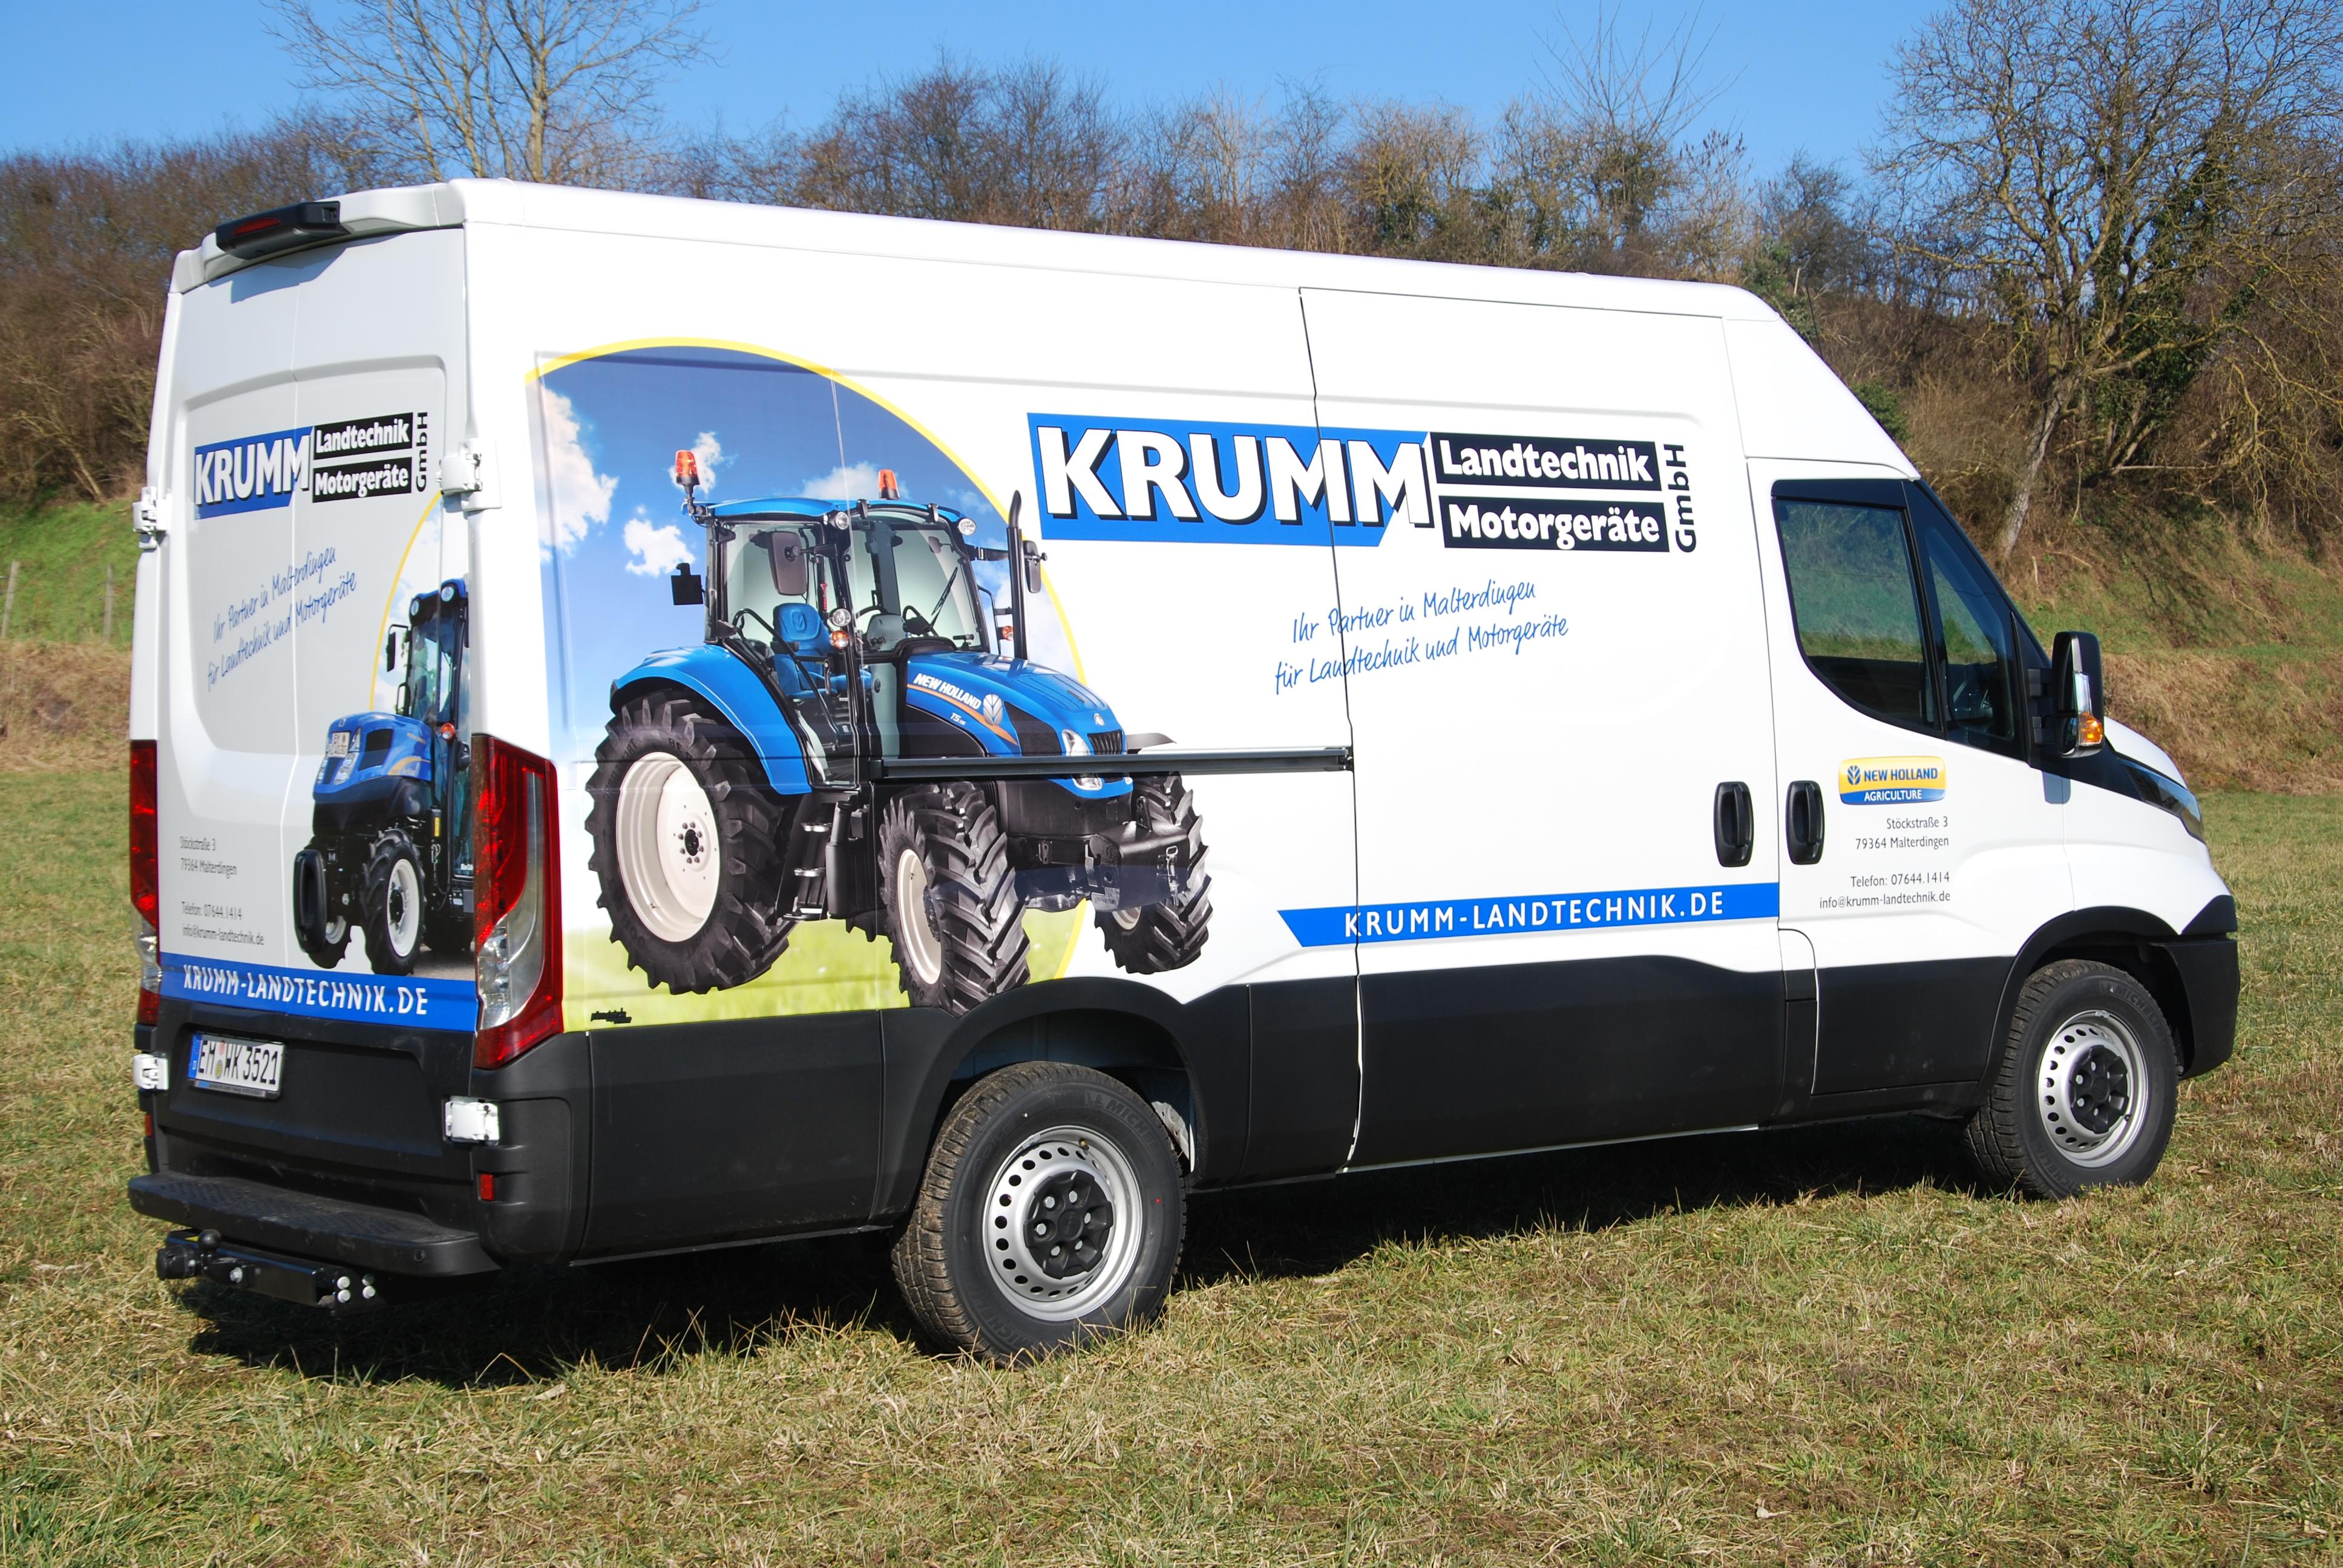 Krumm Landtechnik GmbH